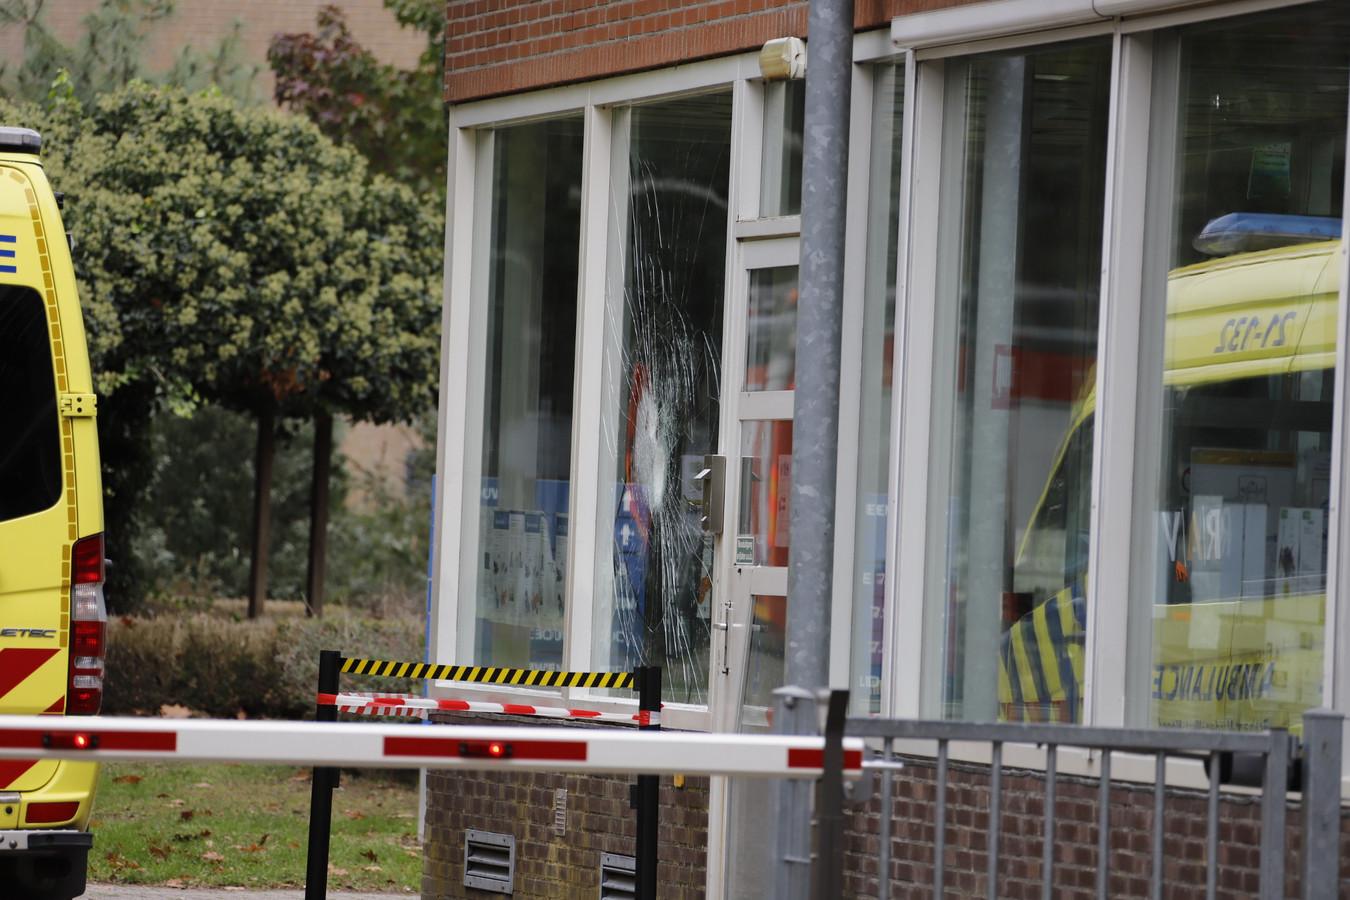 Een bewoner van het asielzoekerscentrum in Overloon heeft een ruit ingeslagen en is door de politie meegenomen.